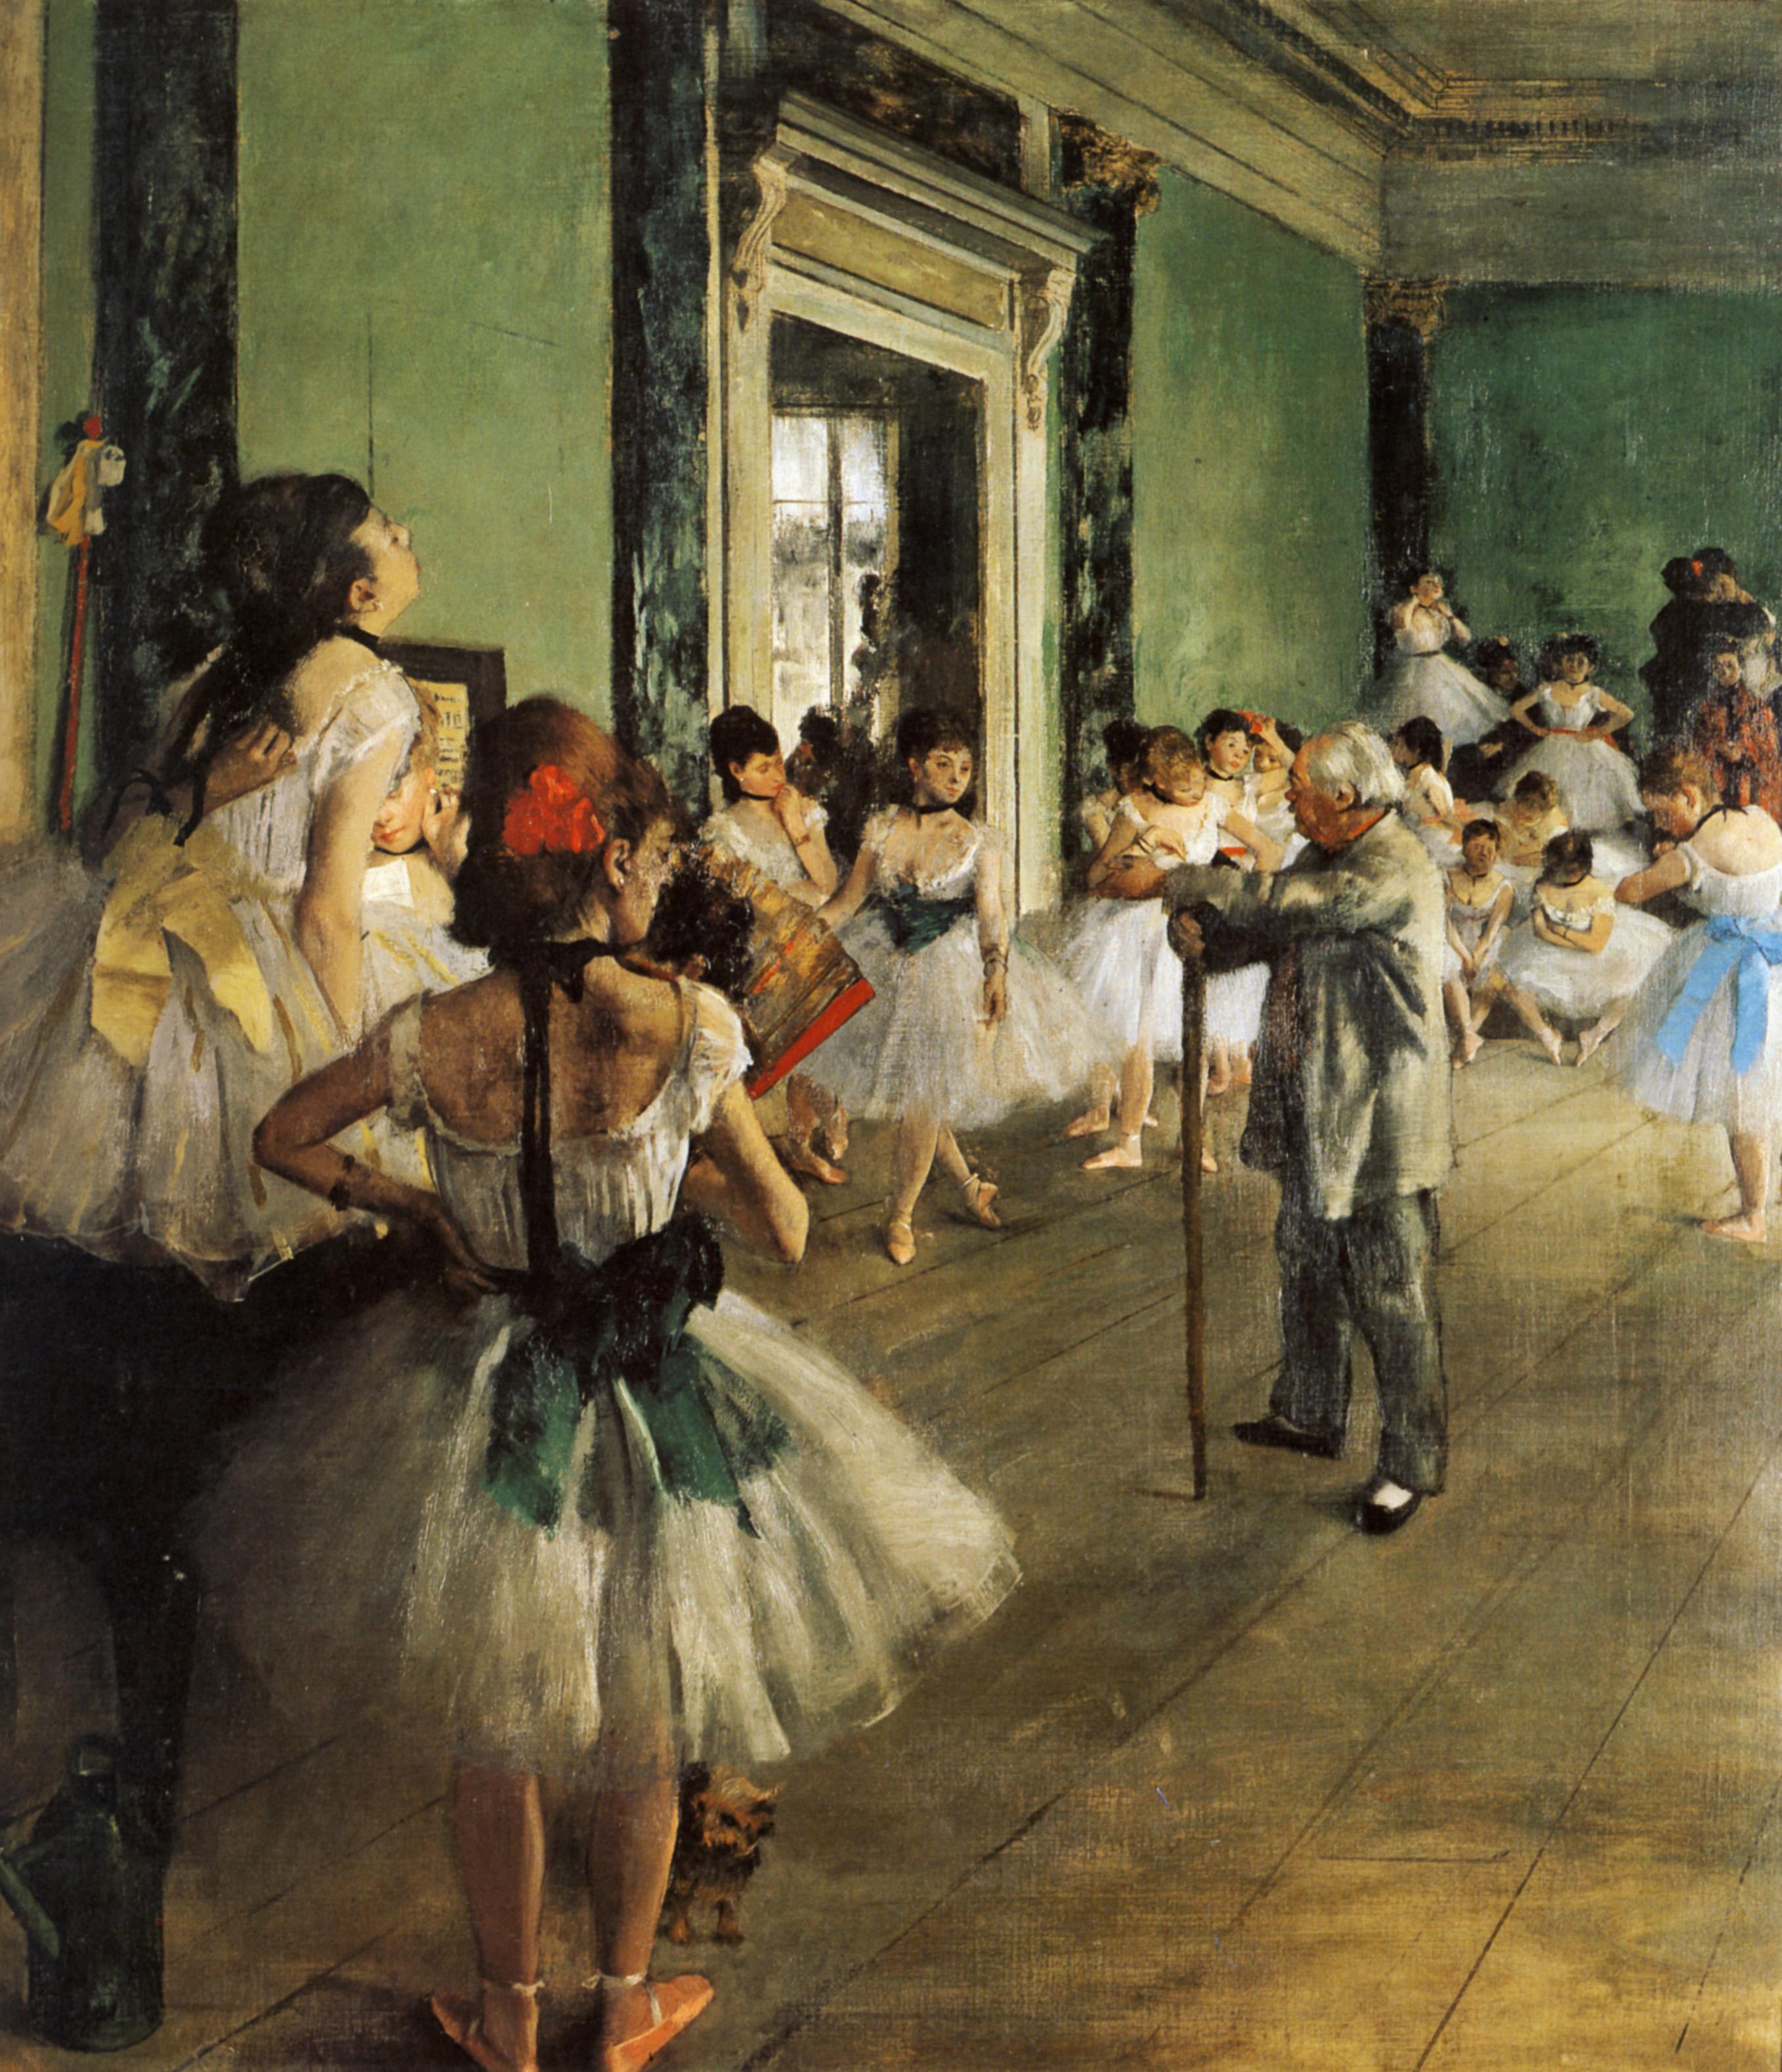 La classe di danza